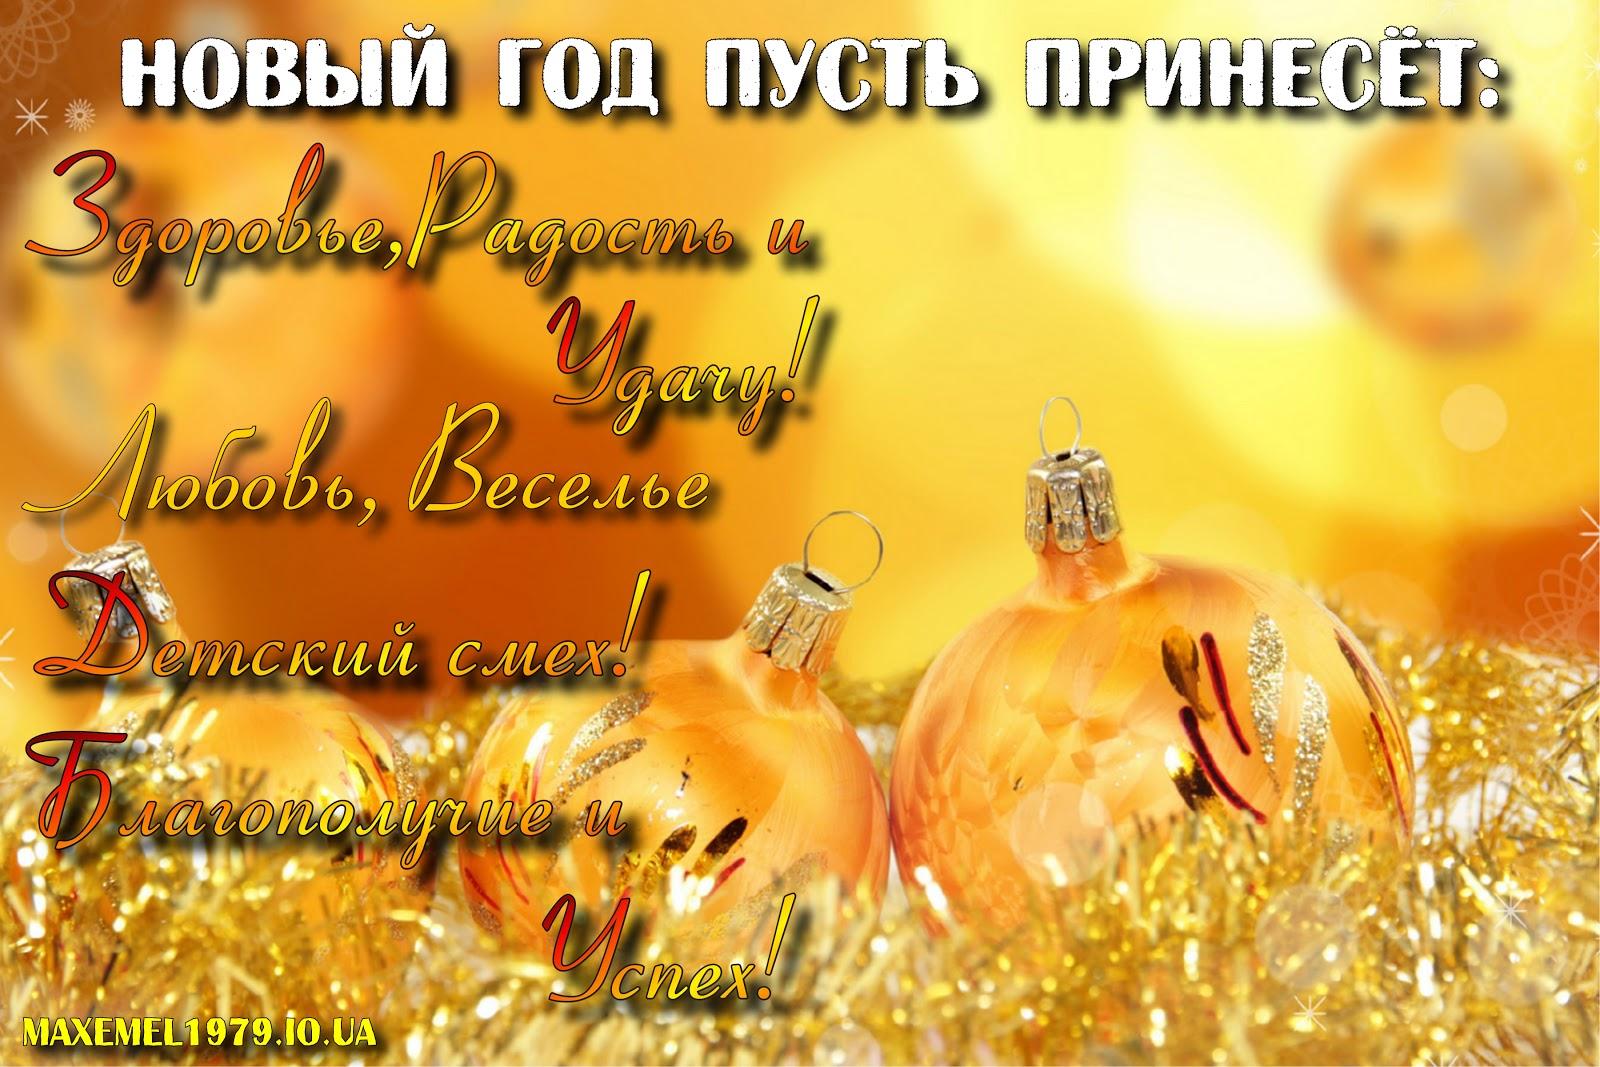 Фото с пожеланием на новый год